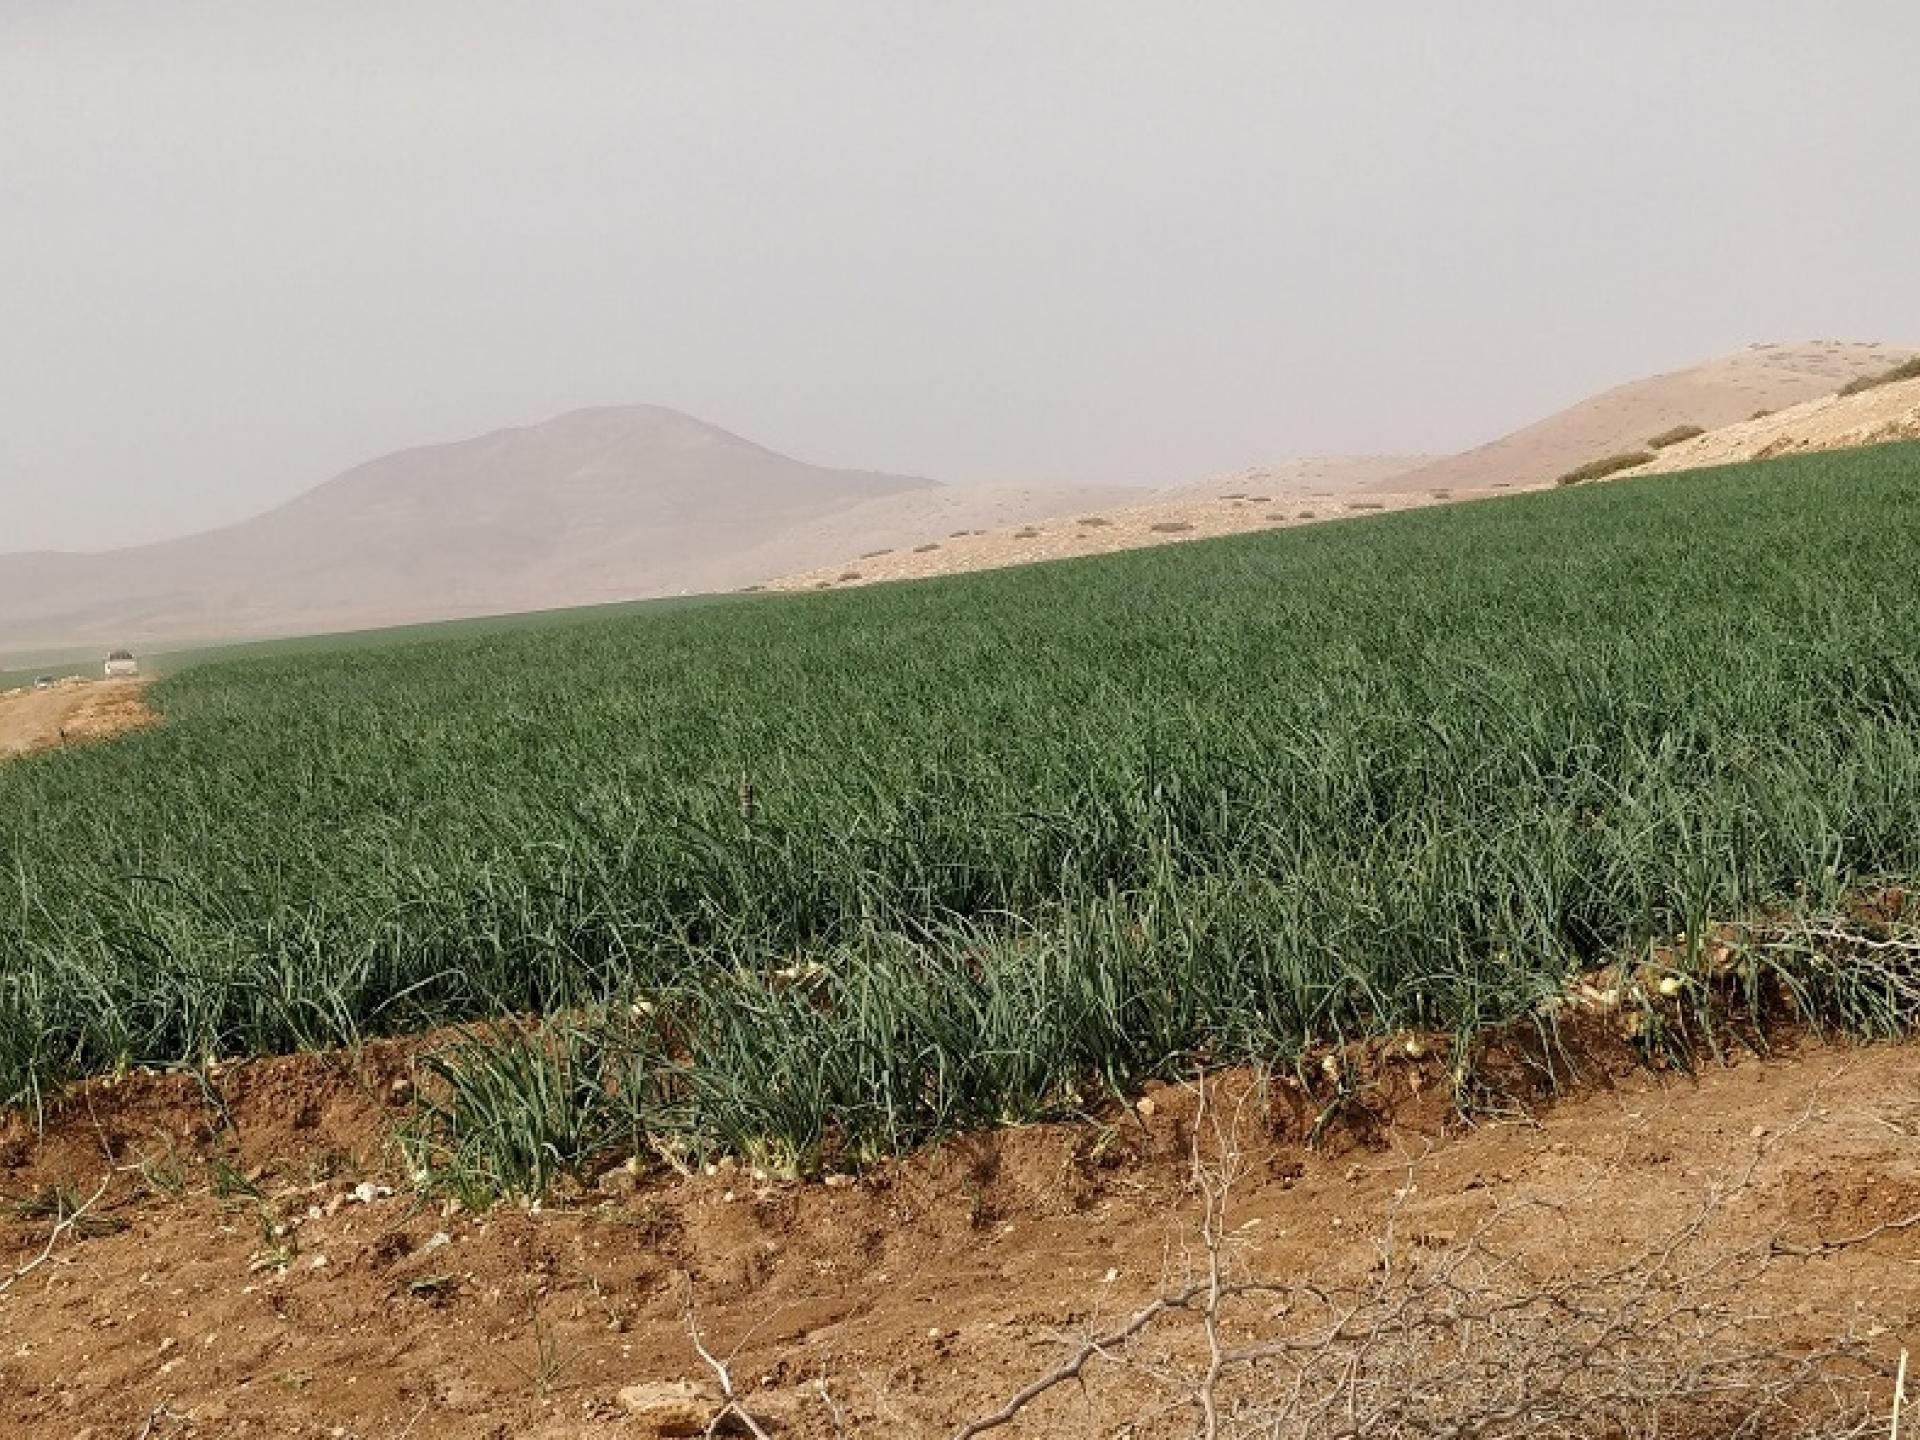 בקעת הירדן: שדה  בצל שיתייבש בקרוב מחוסר מים לאחר שהצבא חתך את צינורות ההשקייה